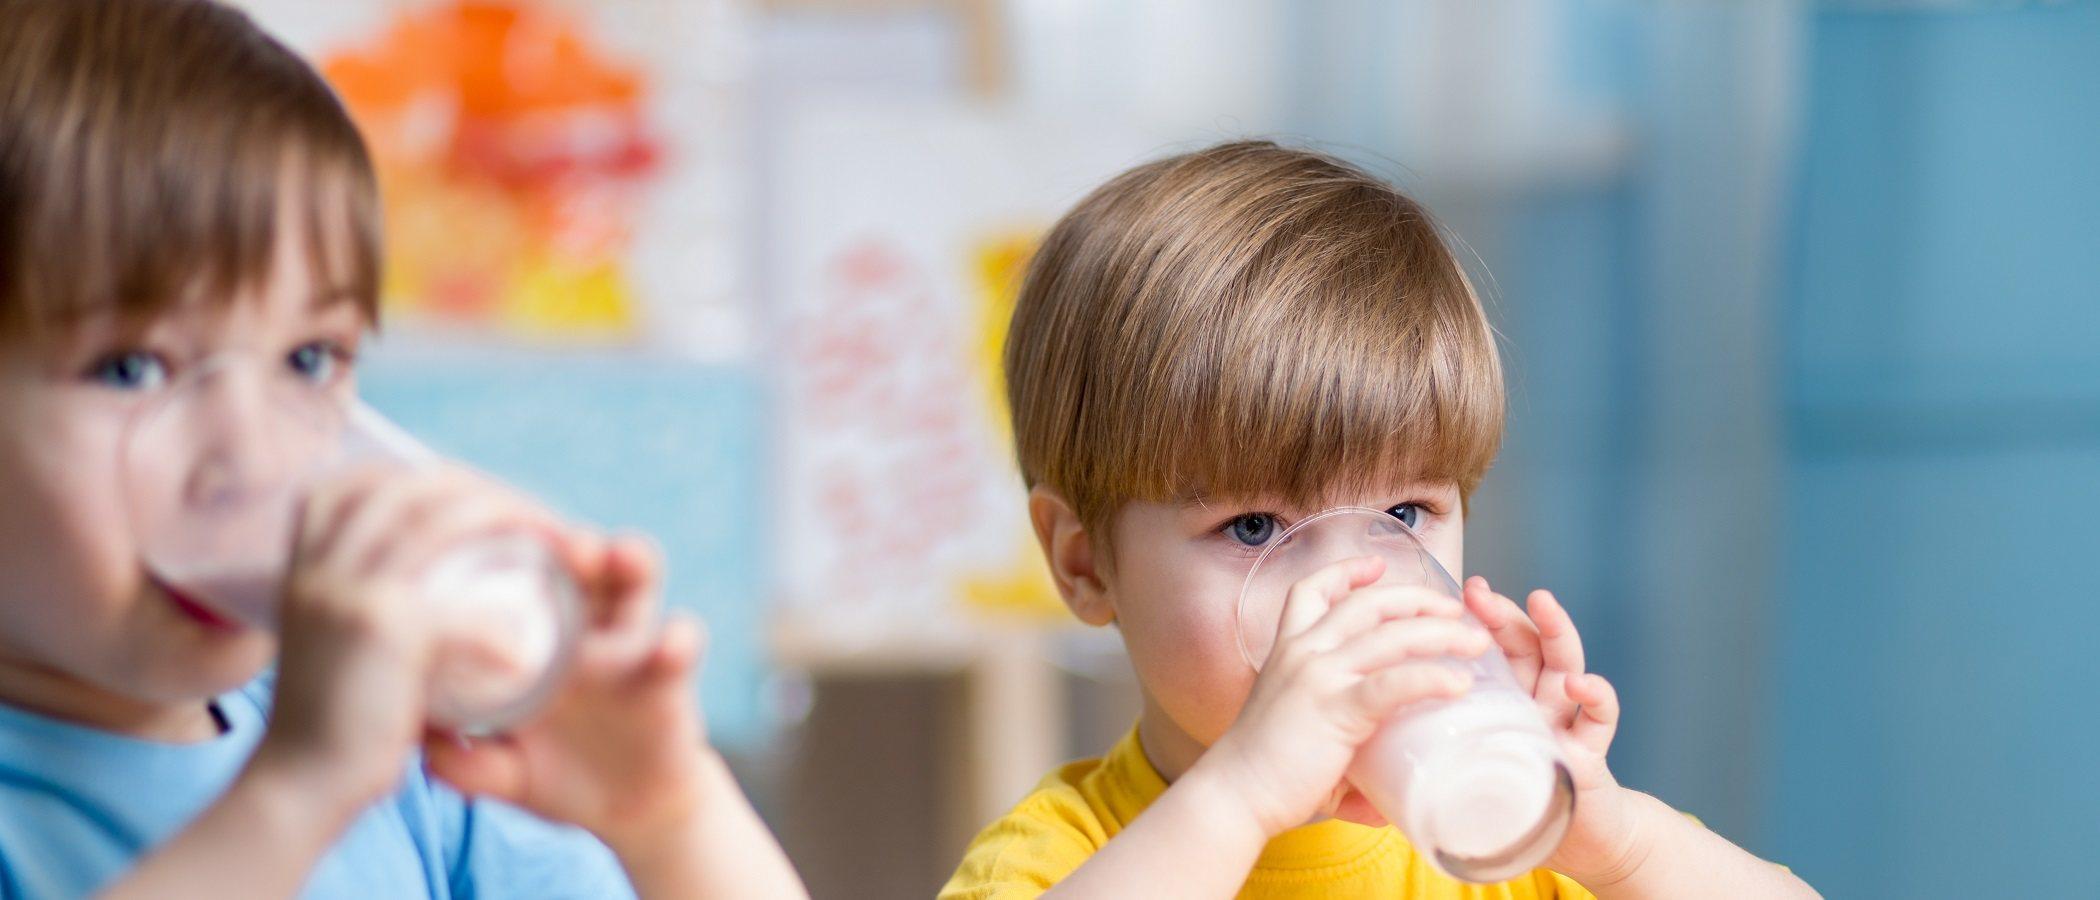 Si a tu hijo le duele la barriga, ¿debería tomar leche?